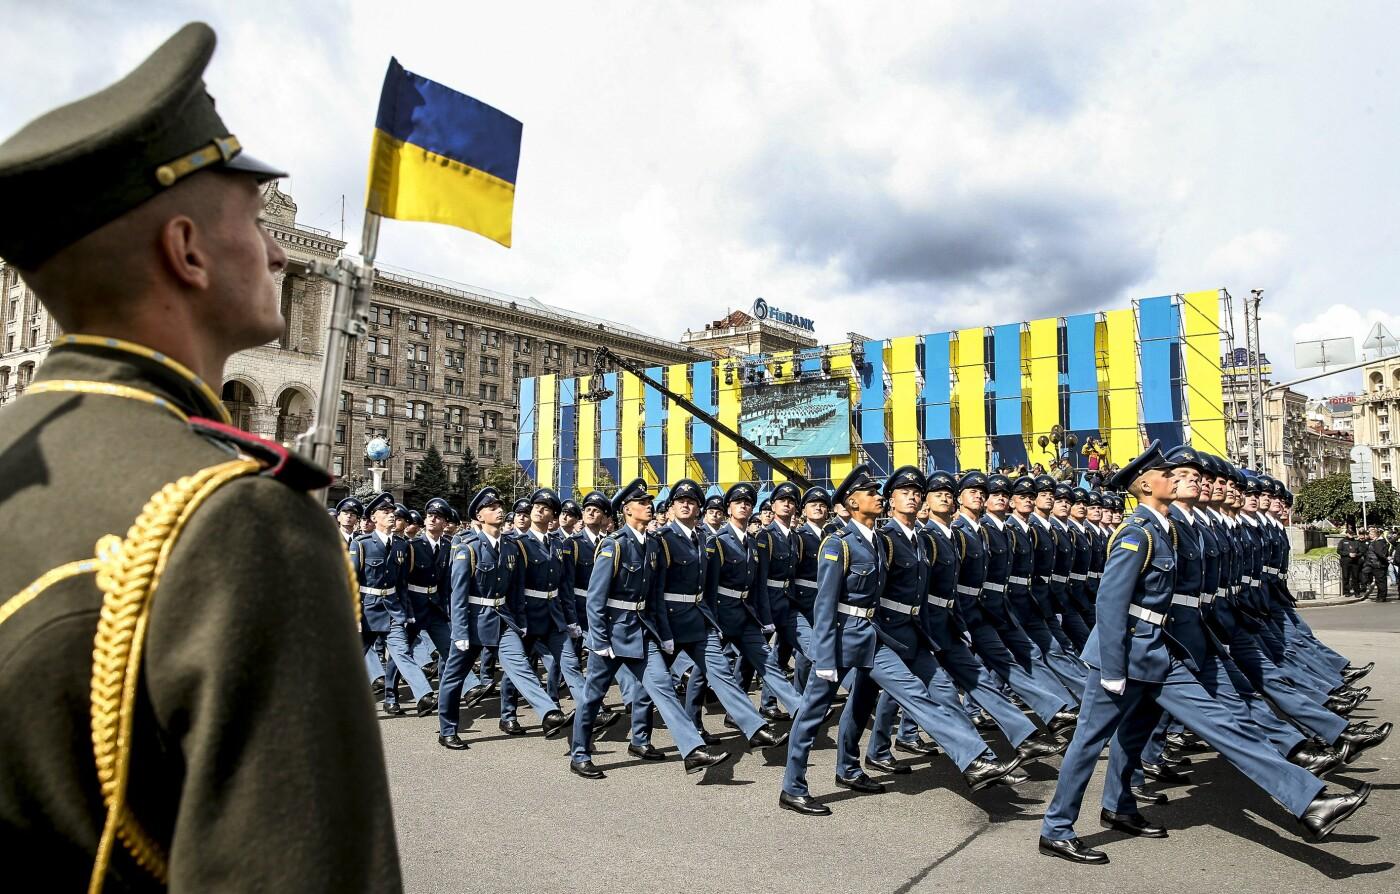 Концерты, парады и артиллерийский салют: как в Киеве отпразднуют День Независимости, фото-1